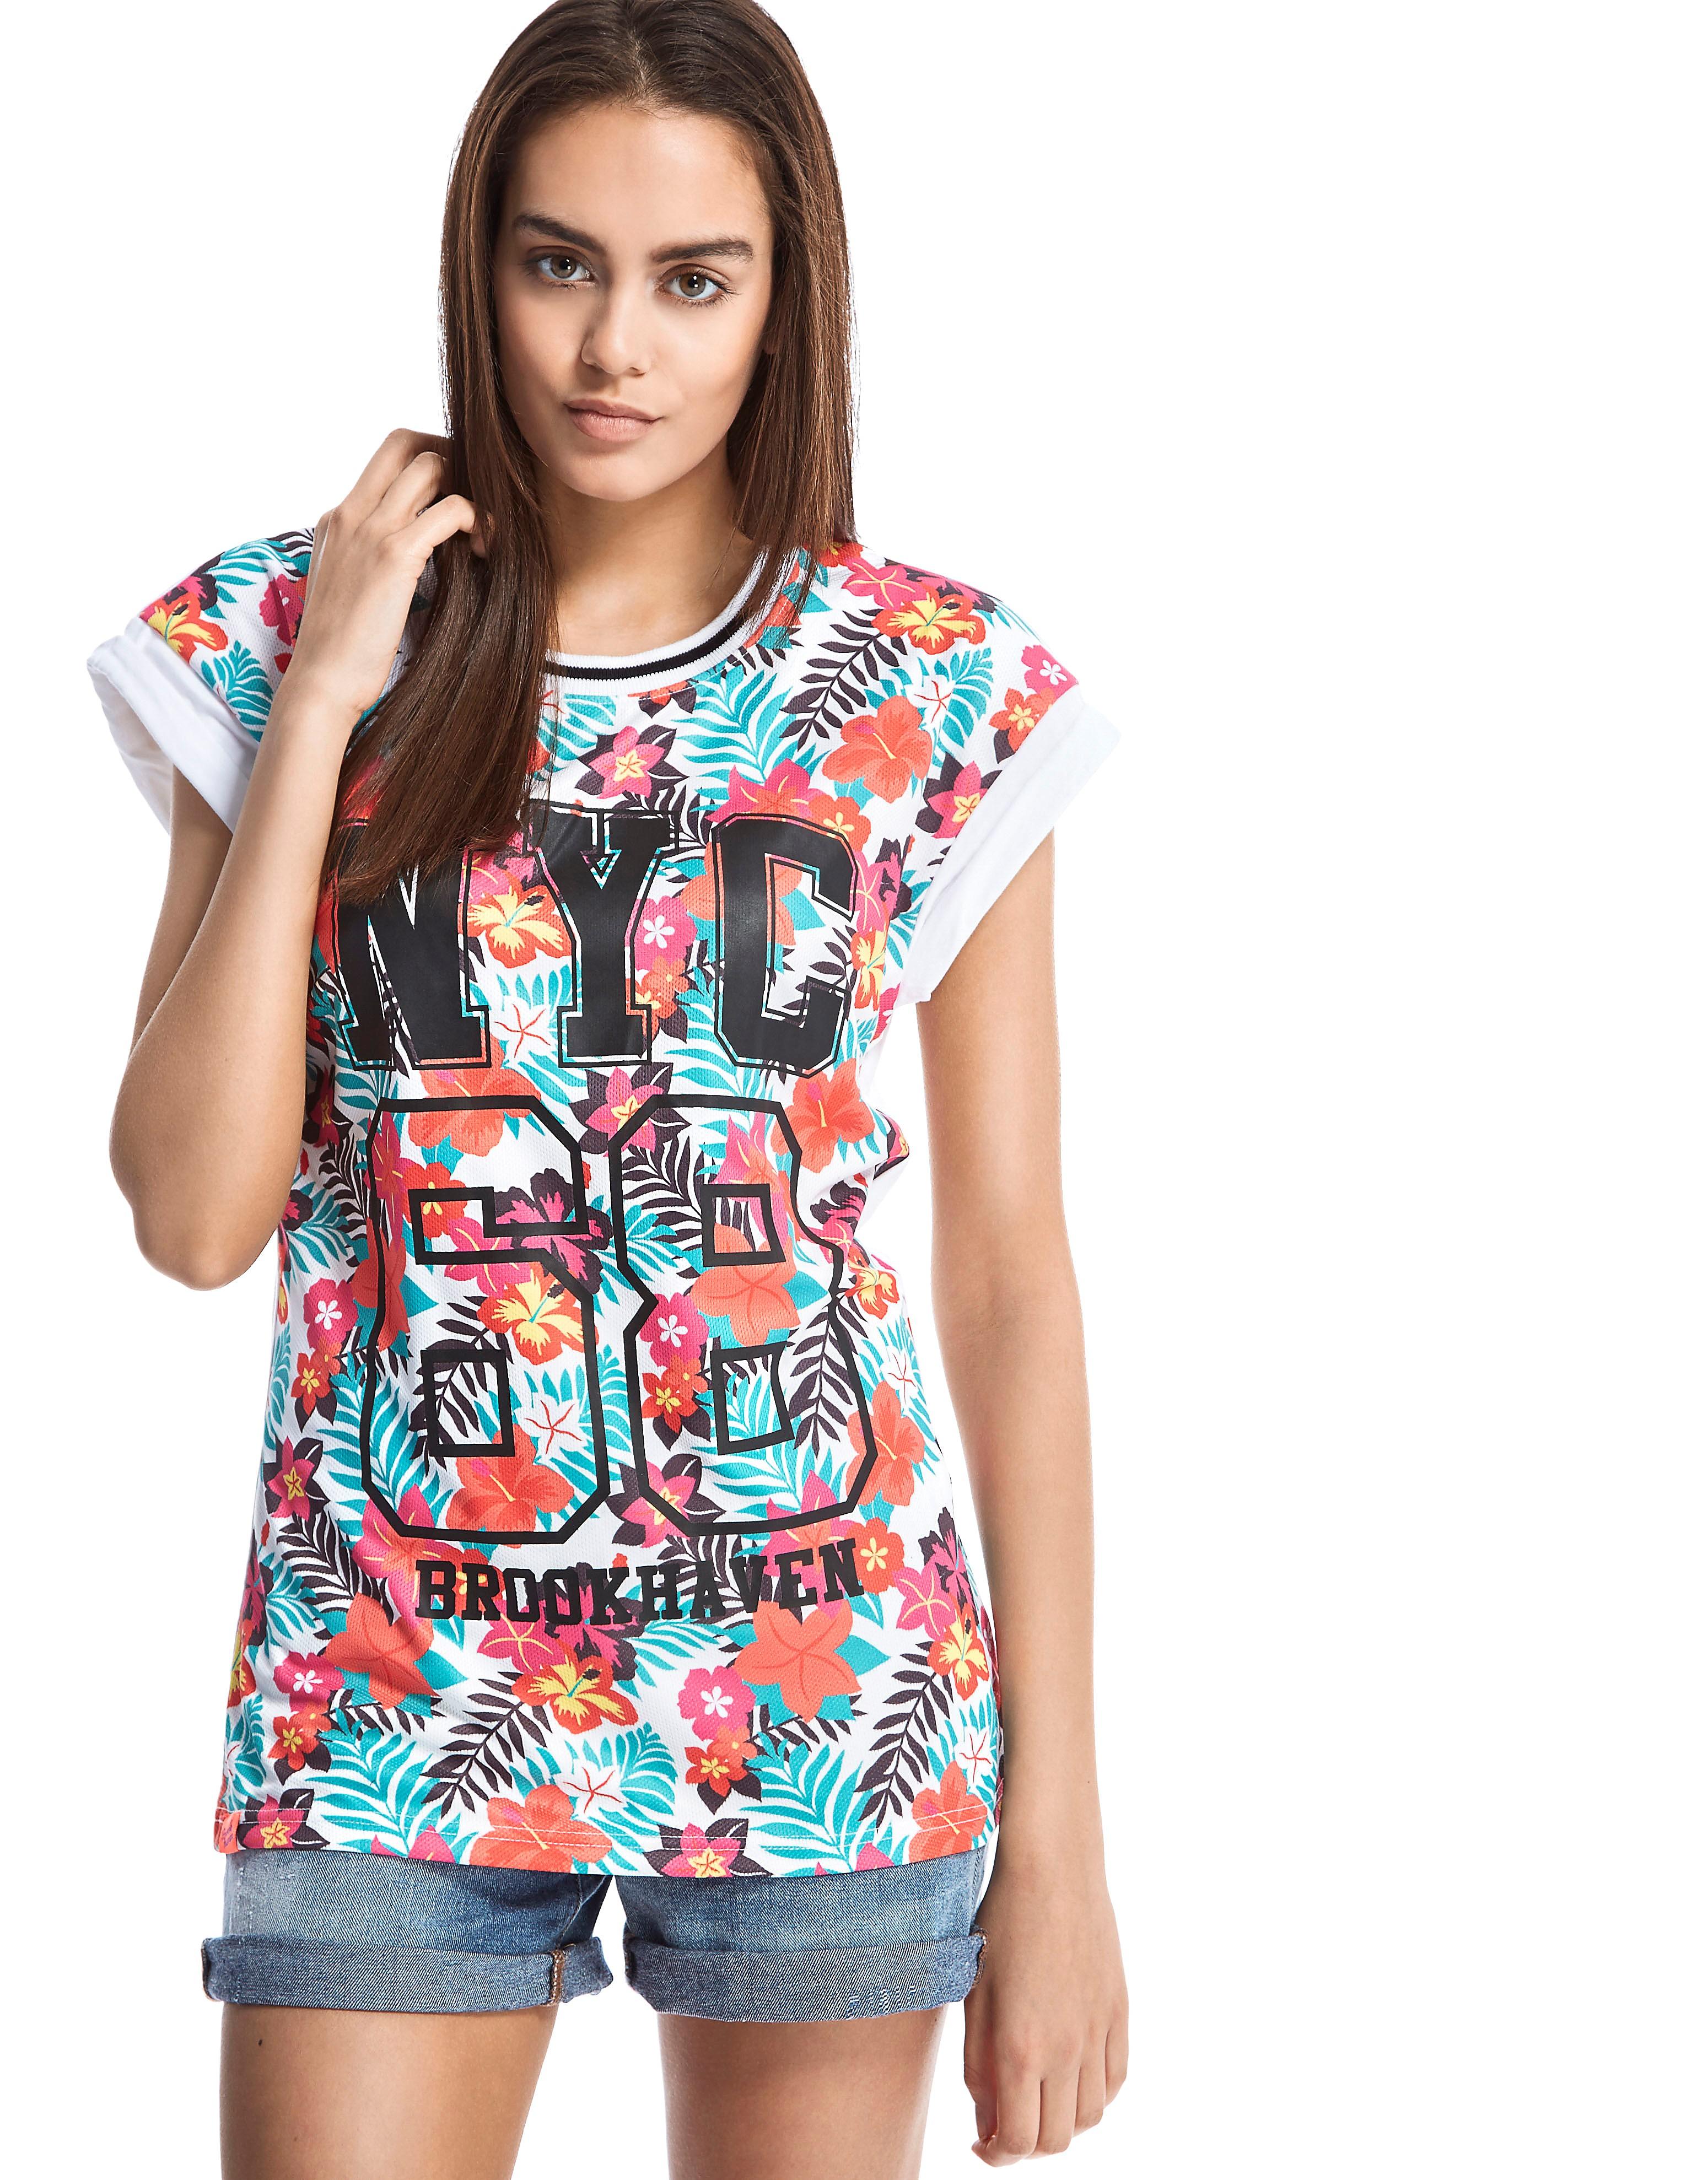 Brookhaven Leah T-Shirt